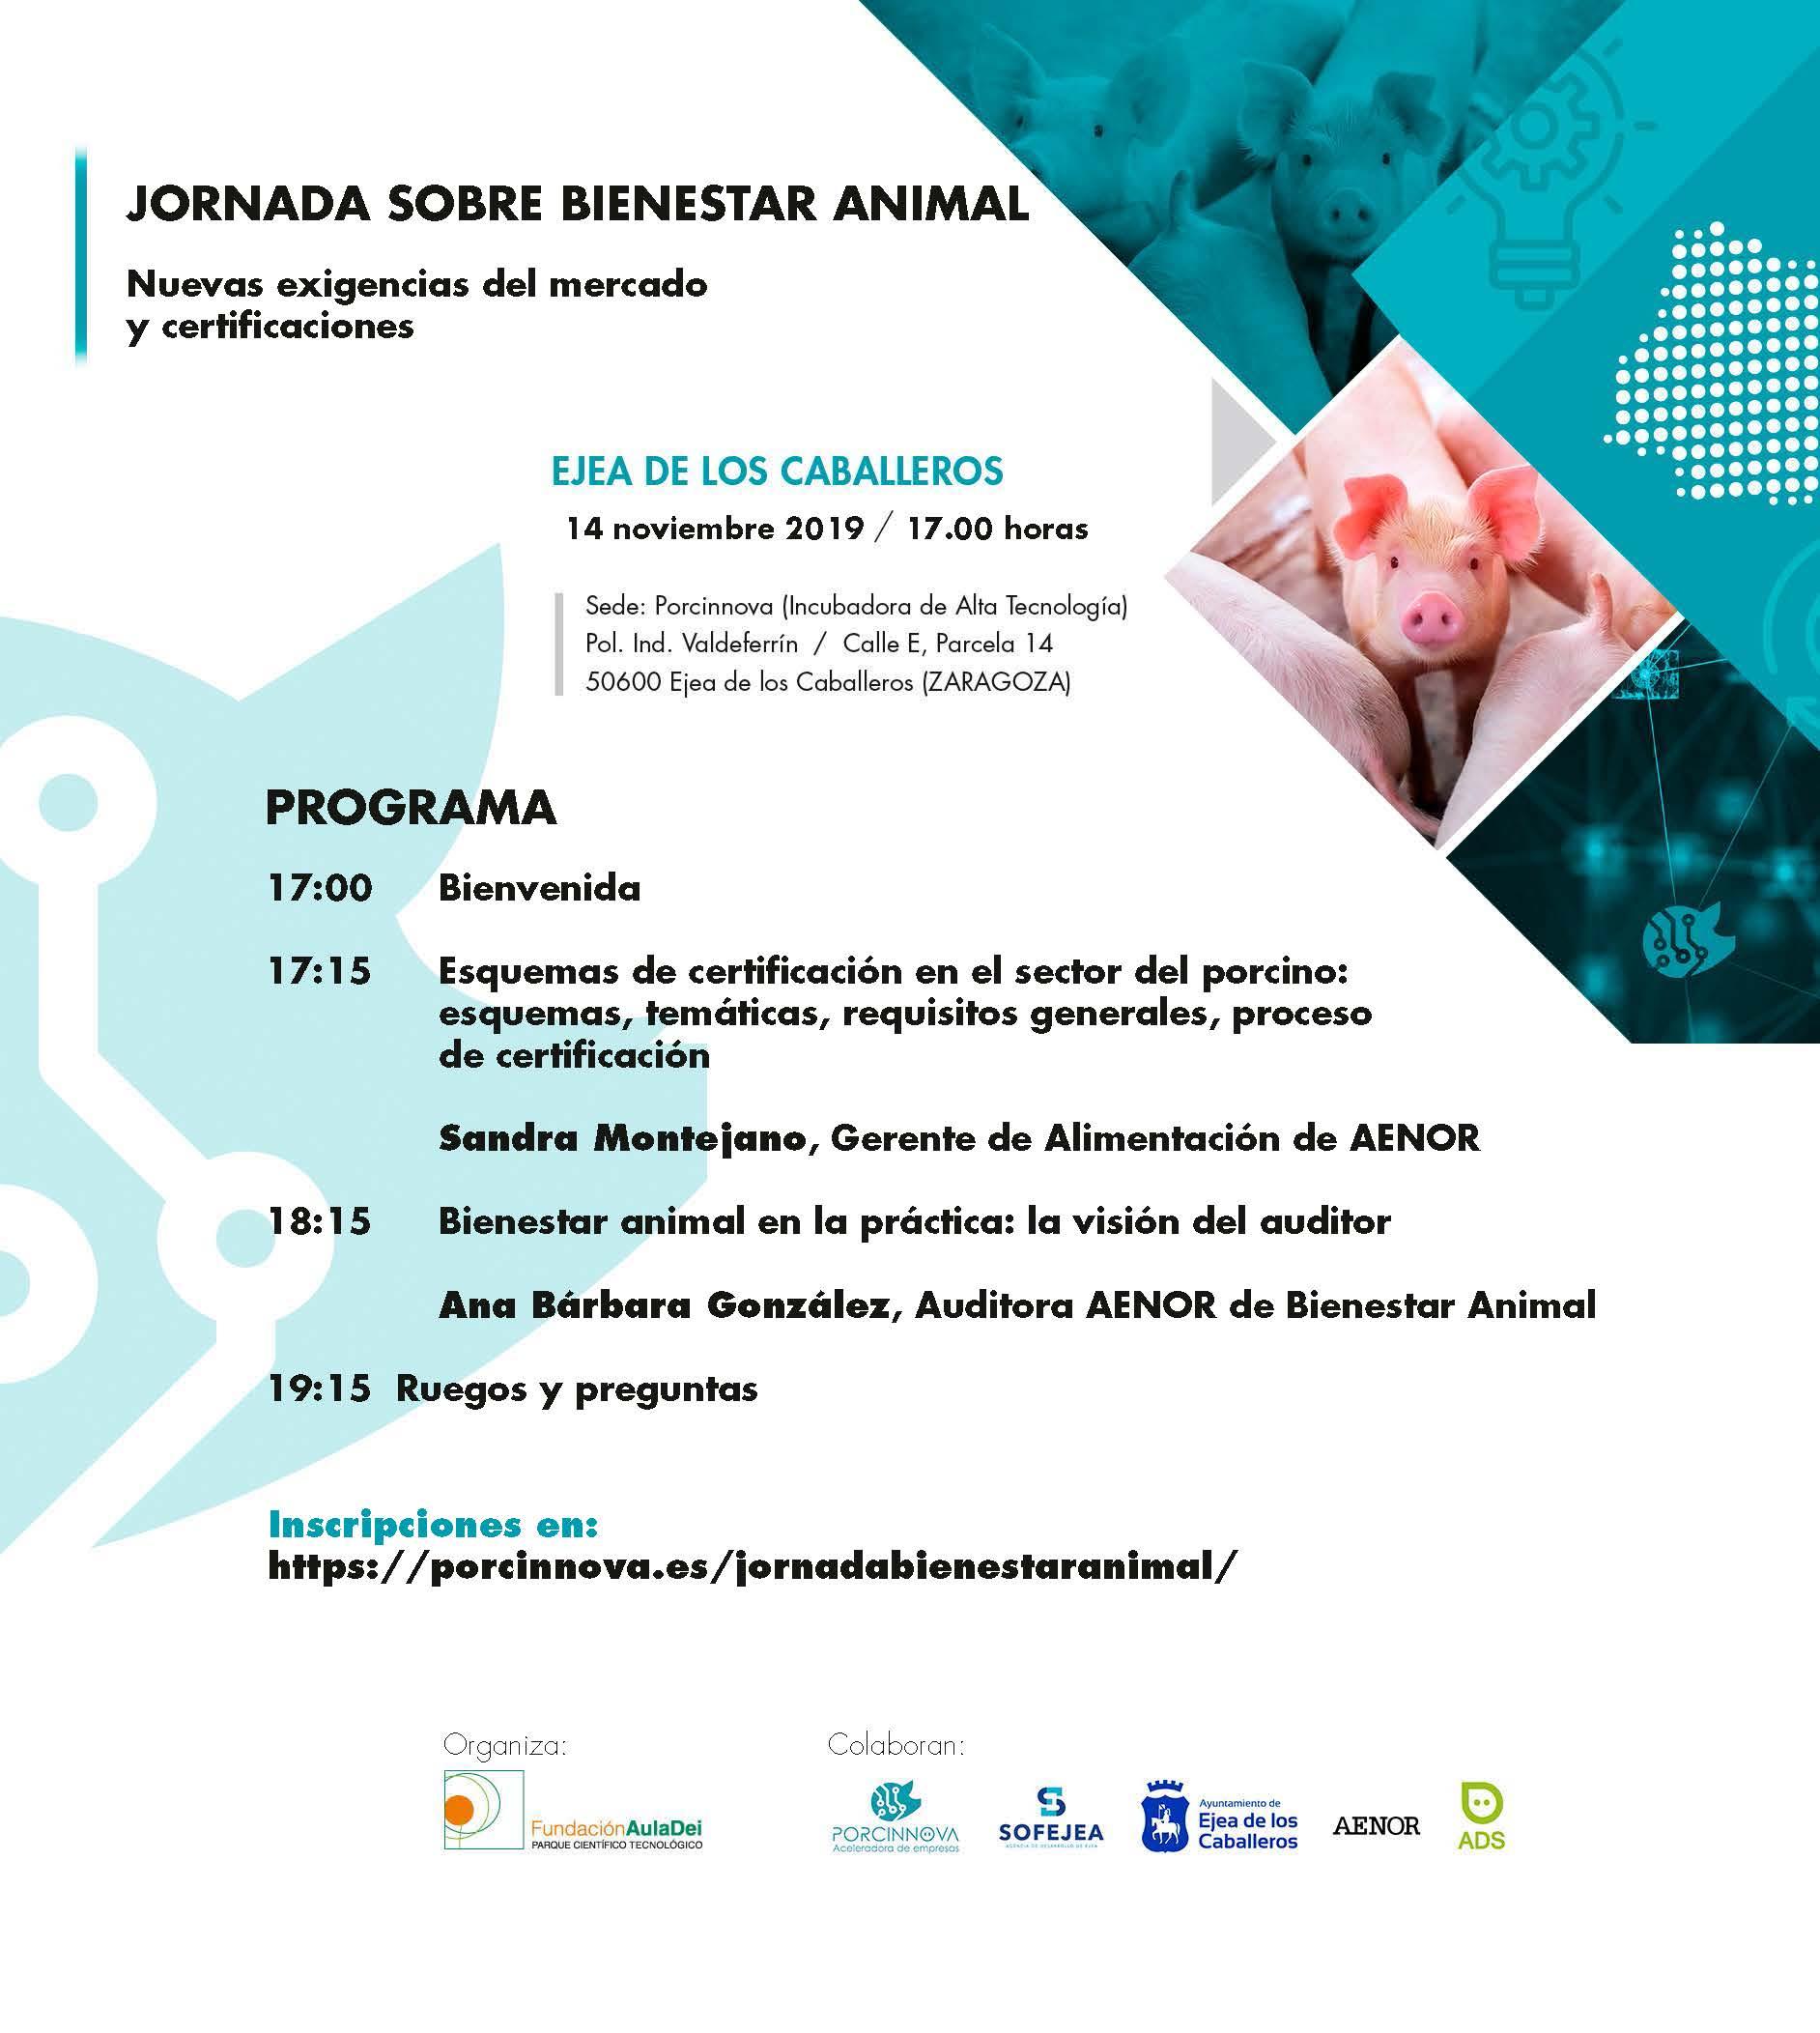 Fundación Aula Dei y Sofejea organizan jornada sobre bienestar animal en Porcinnova